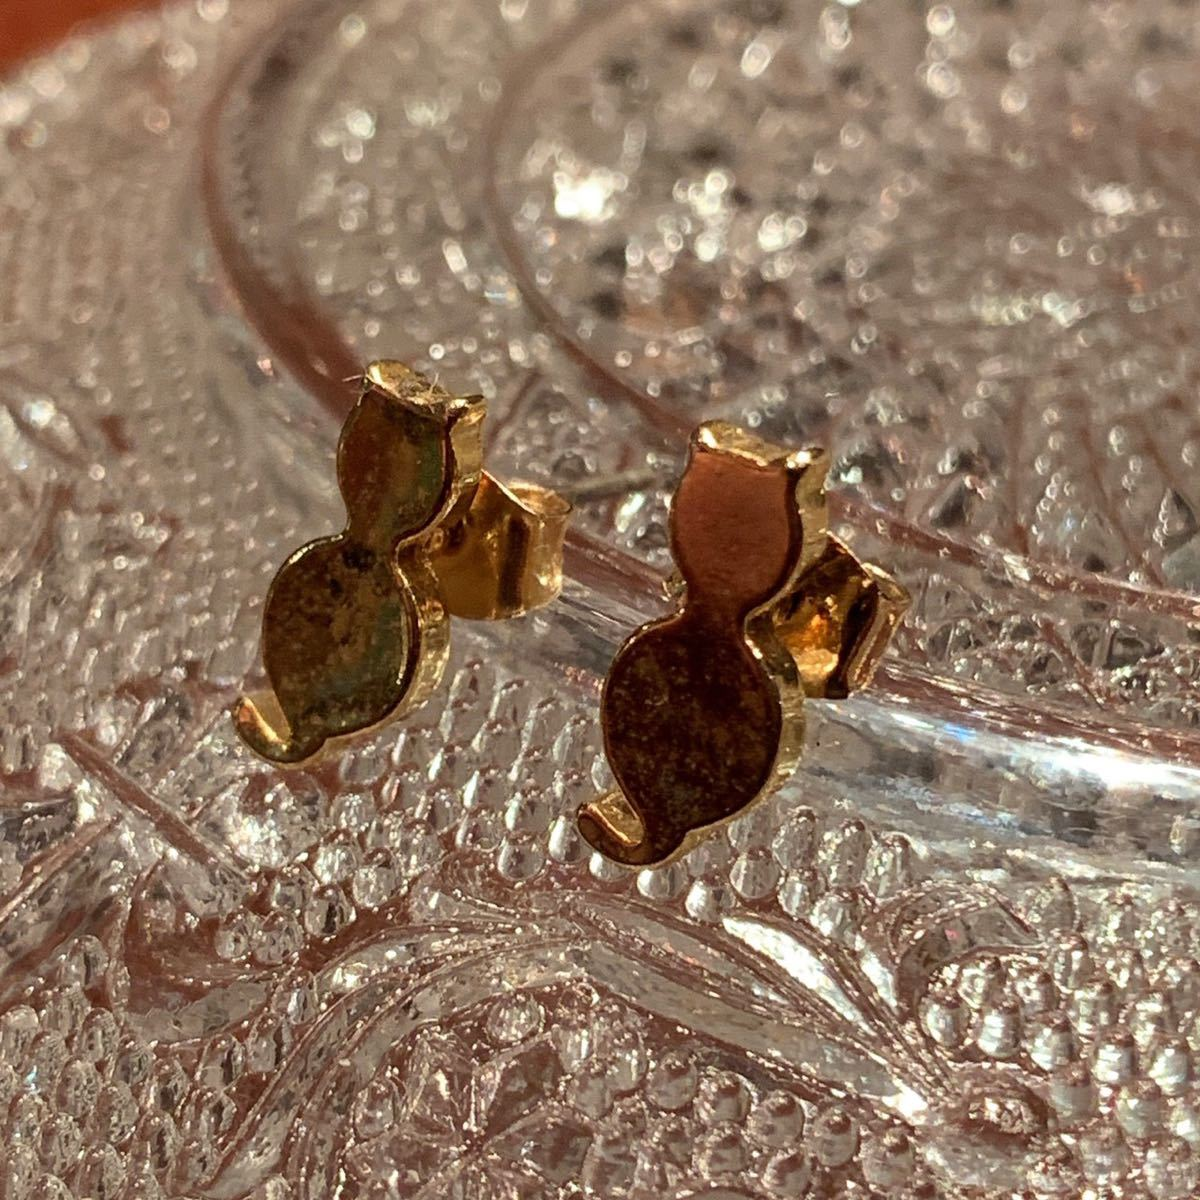 〈新品未使用〉ピアス 猫モチーフ ネコ ゴールドカラー 真鍮 ハンドメイド アクセサリー_画像3